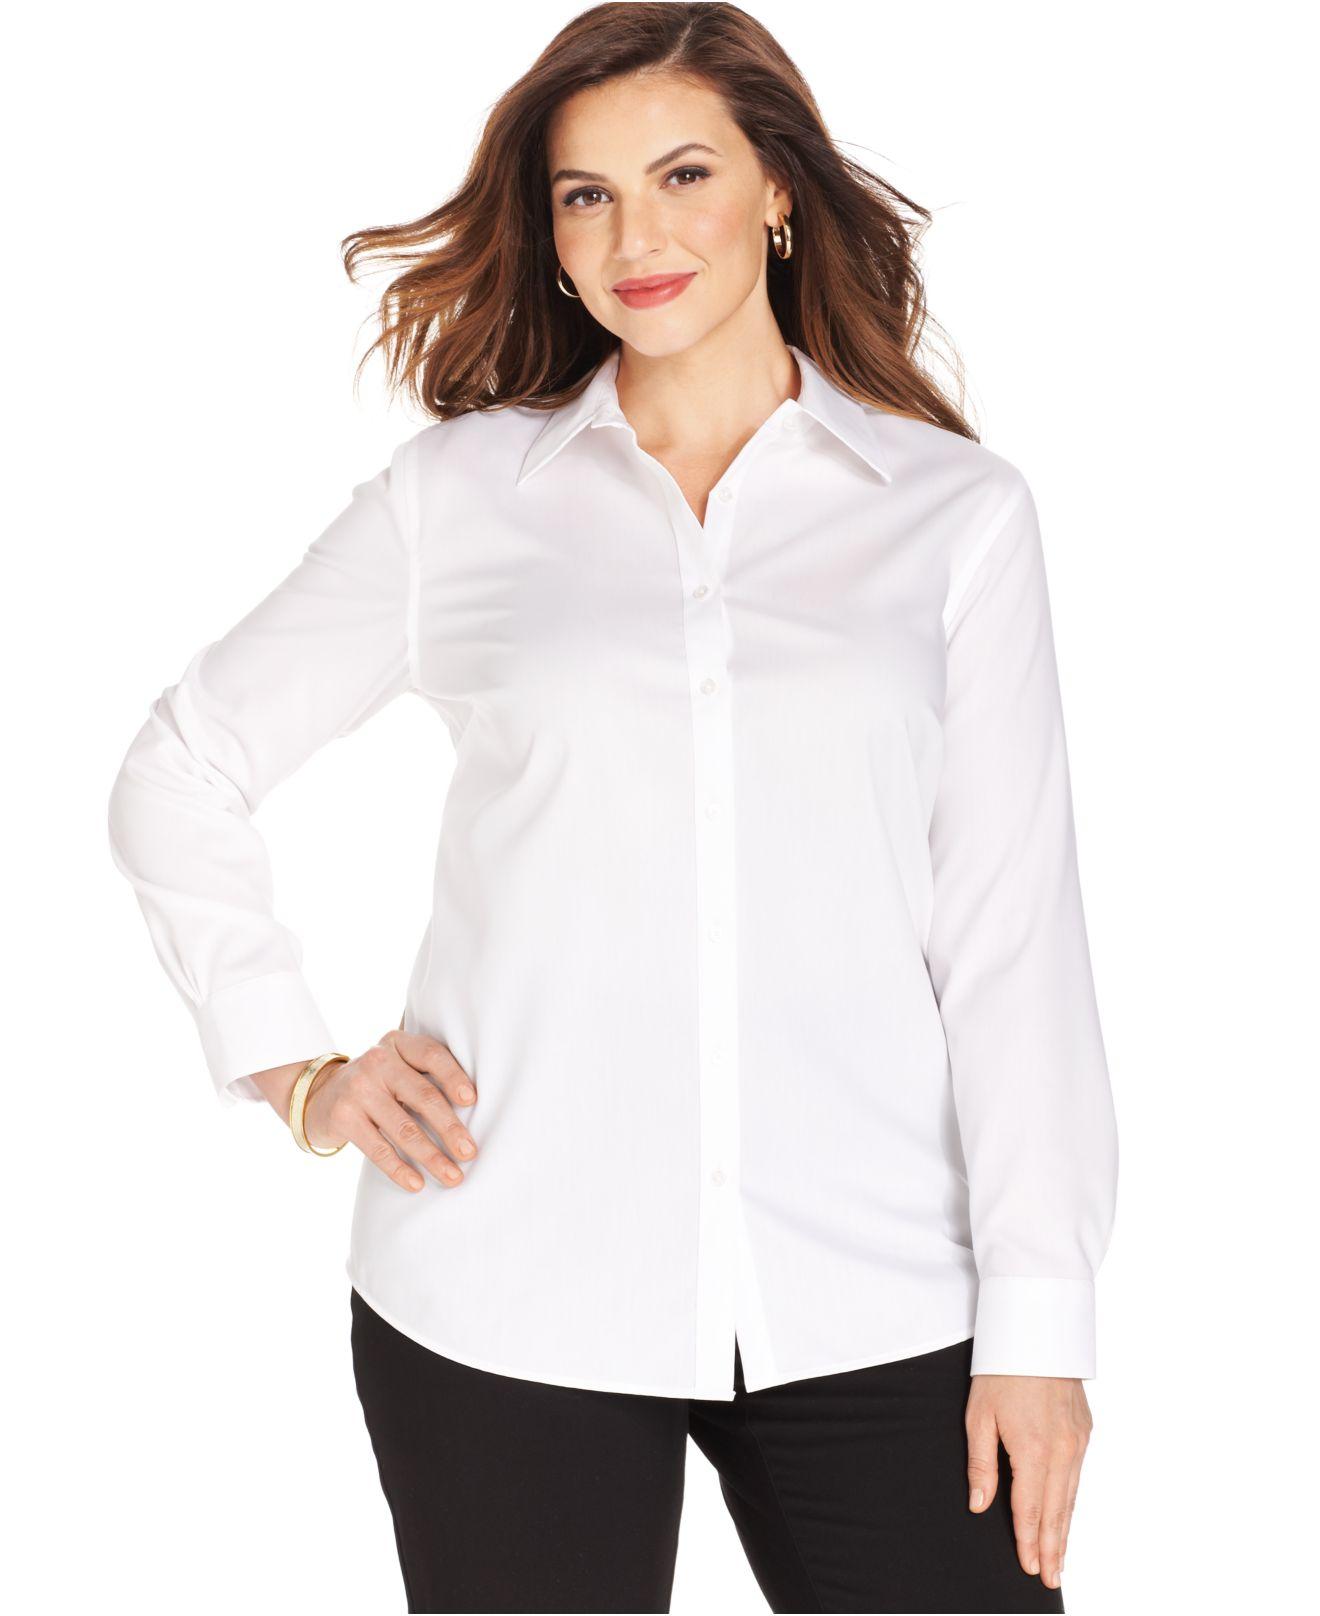 Jones and jones dress white shirts